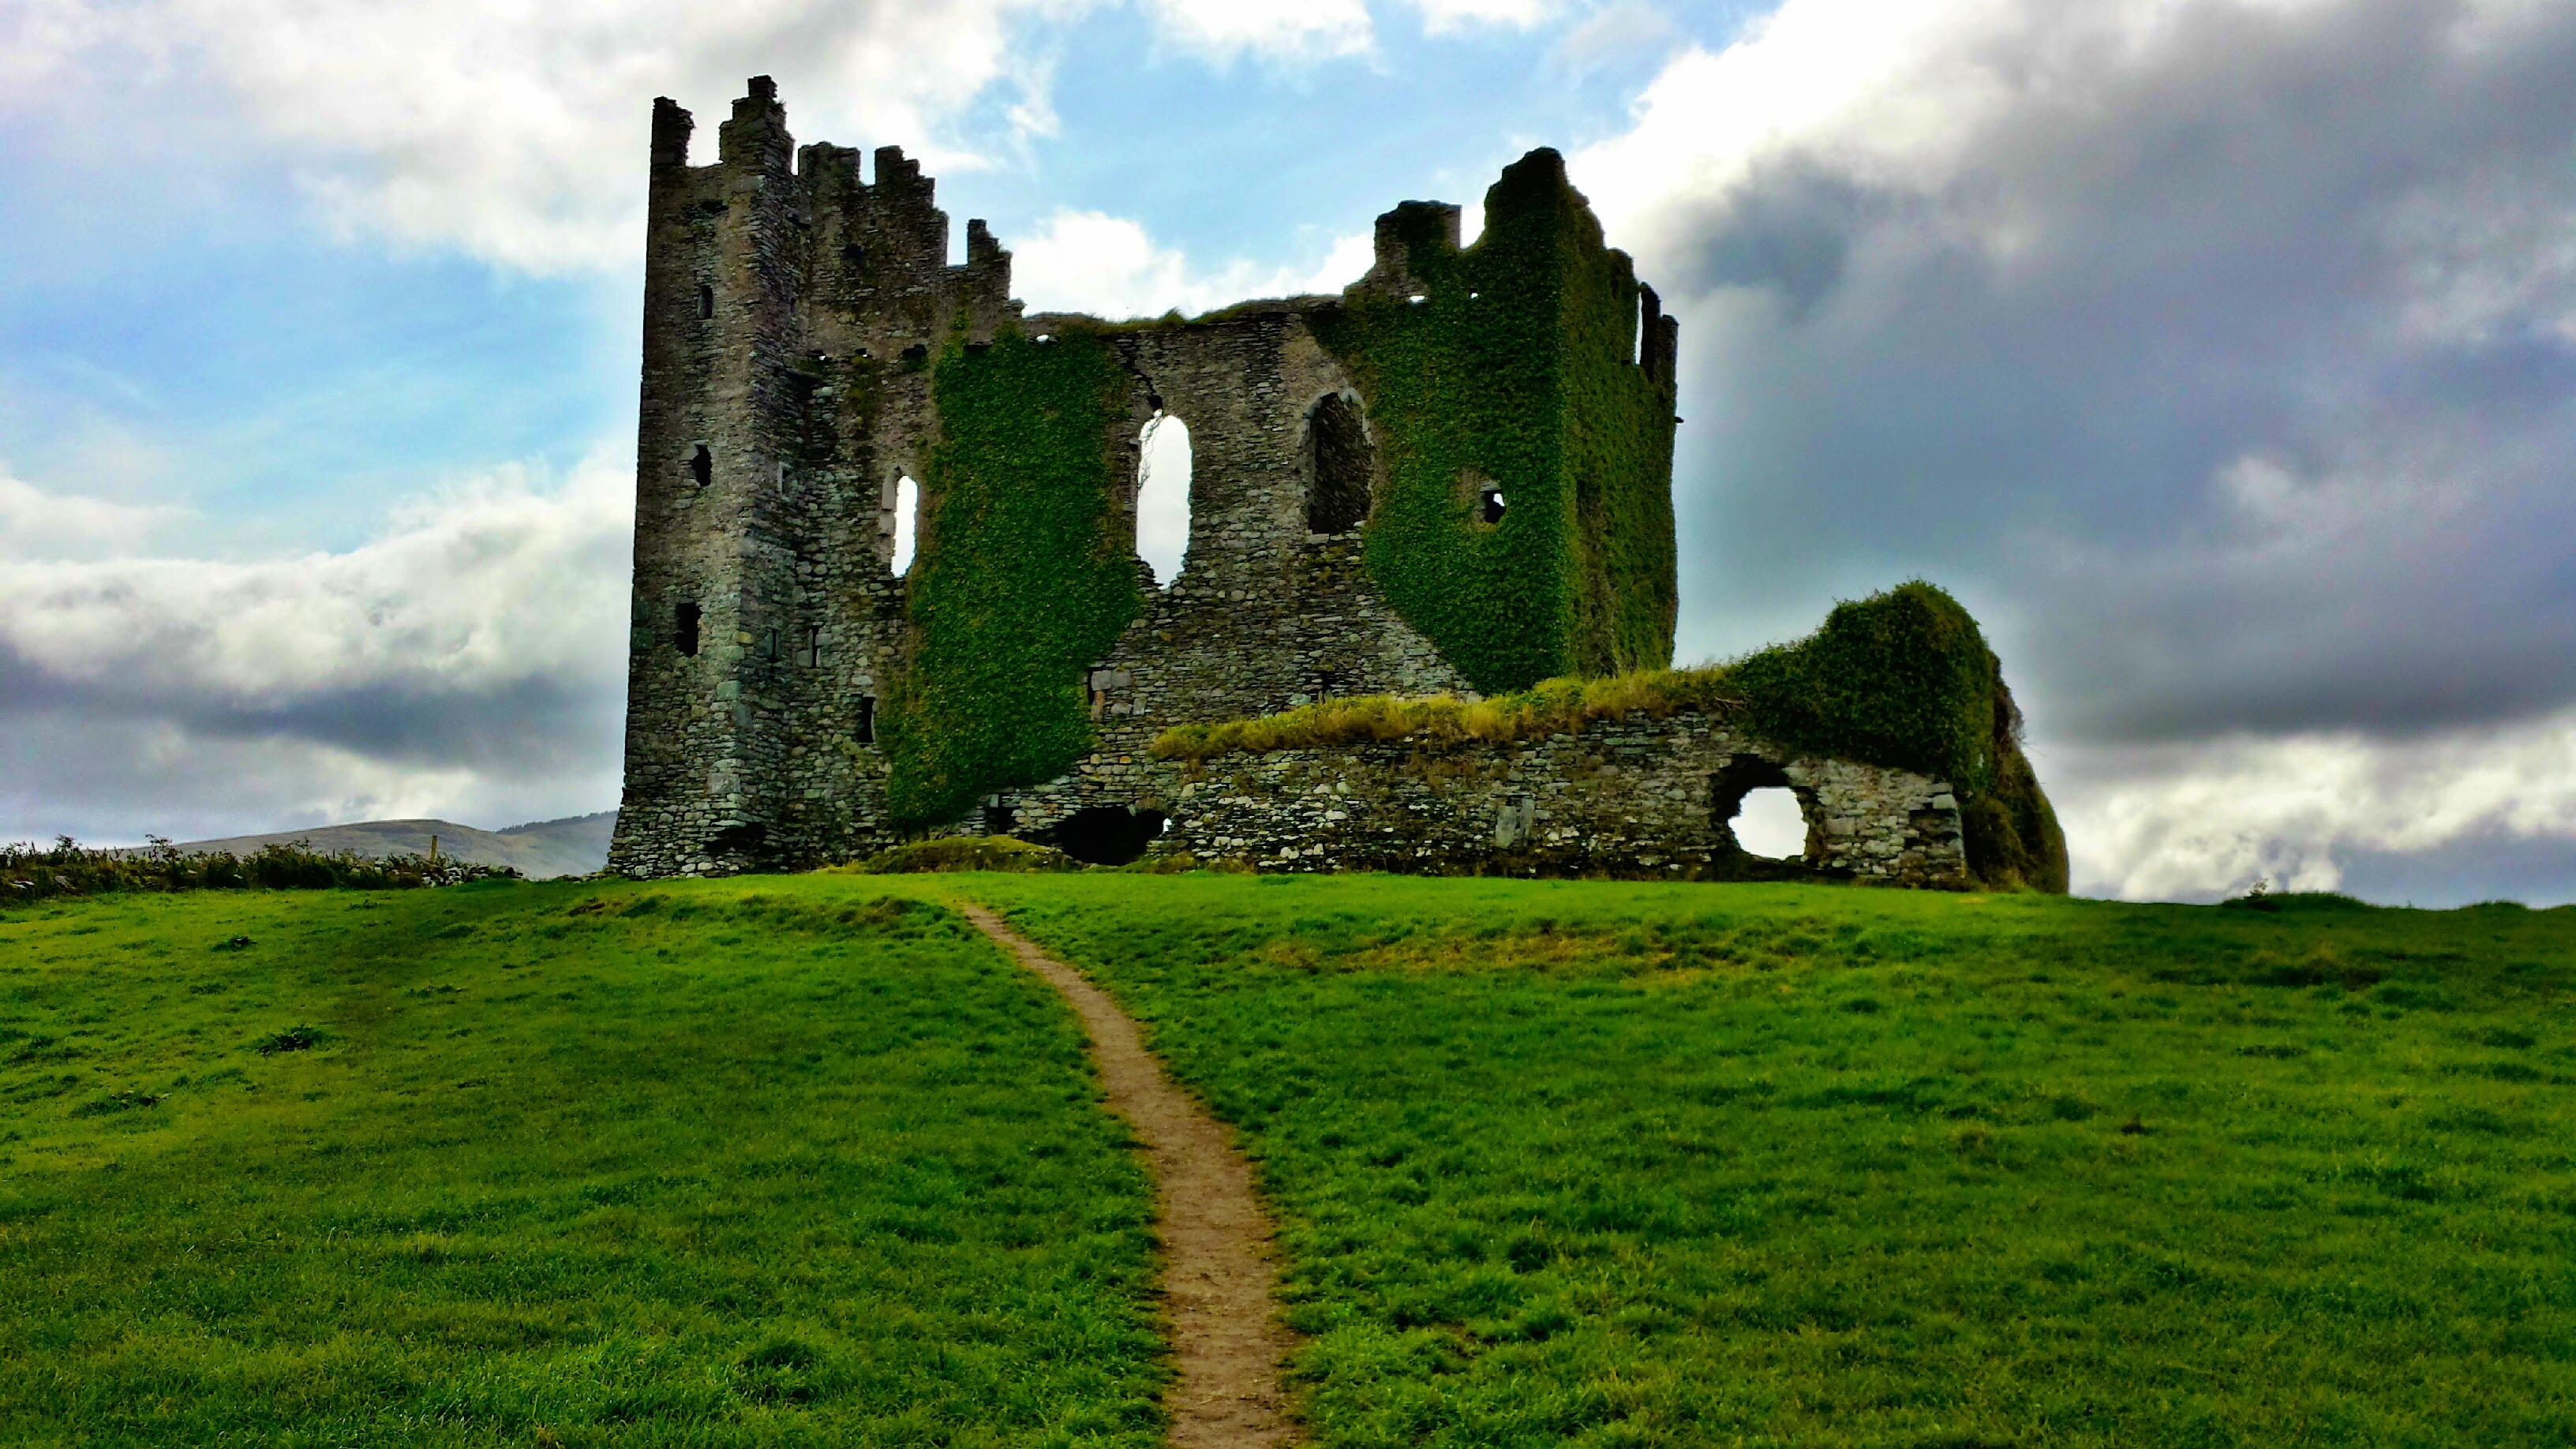 Ballycarbery Castle in Ireland